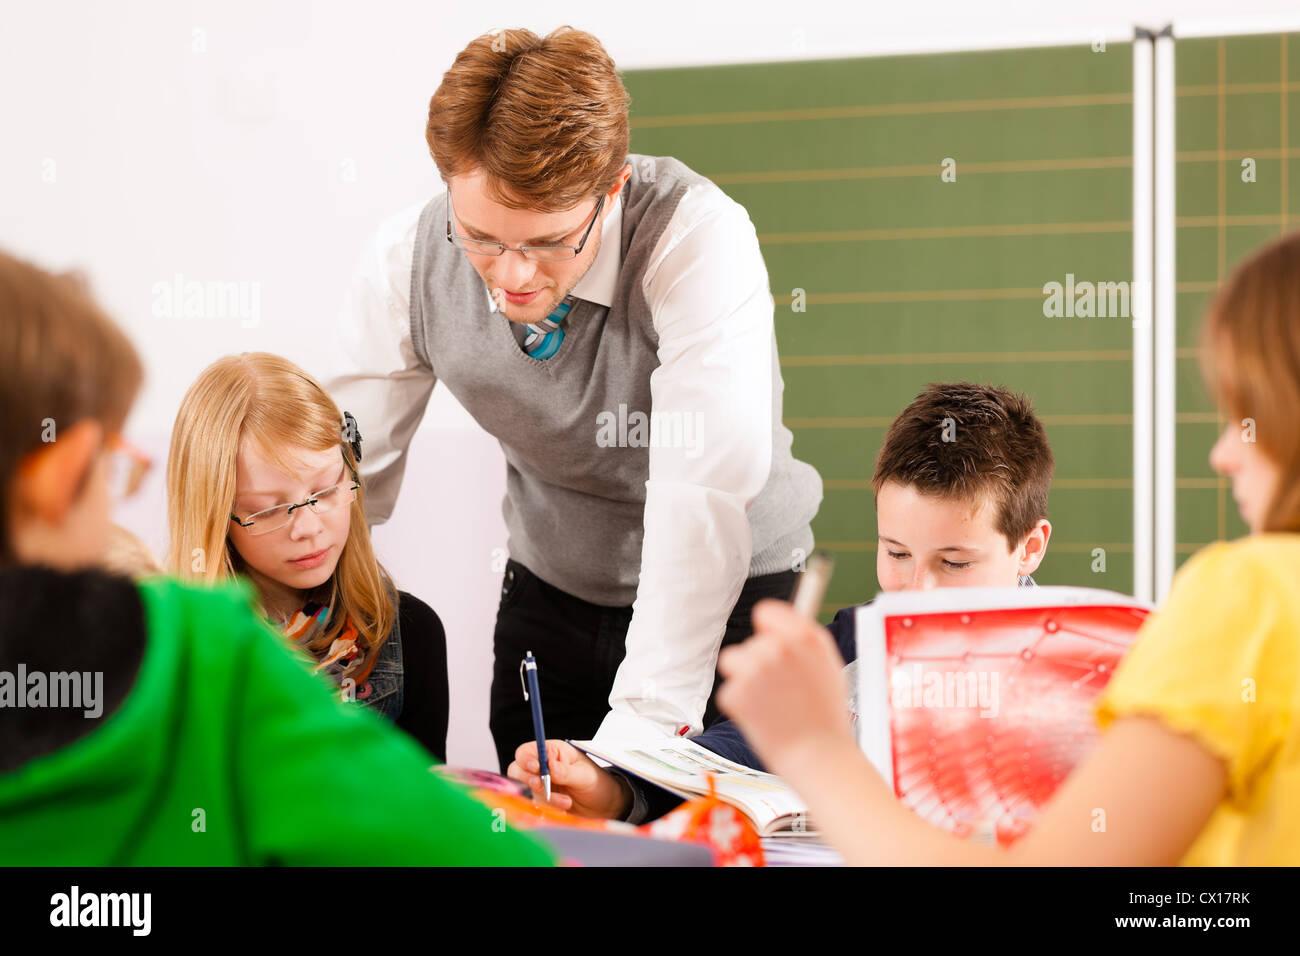 Istruzione - Studenti e insegnanti apprendimento presso la scuola elementare o per la scuola primaria in classe Immagini Stock